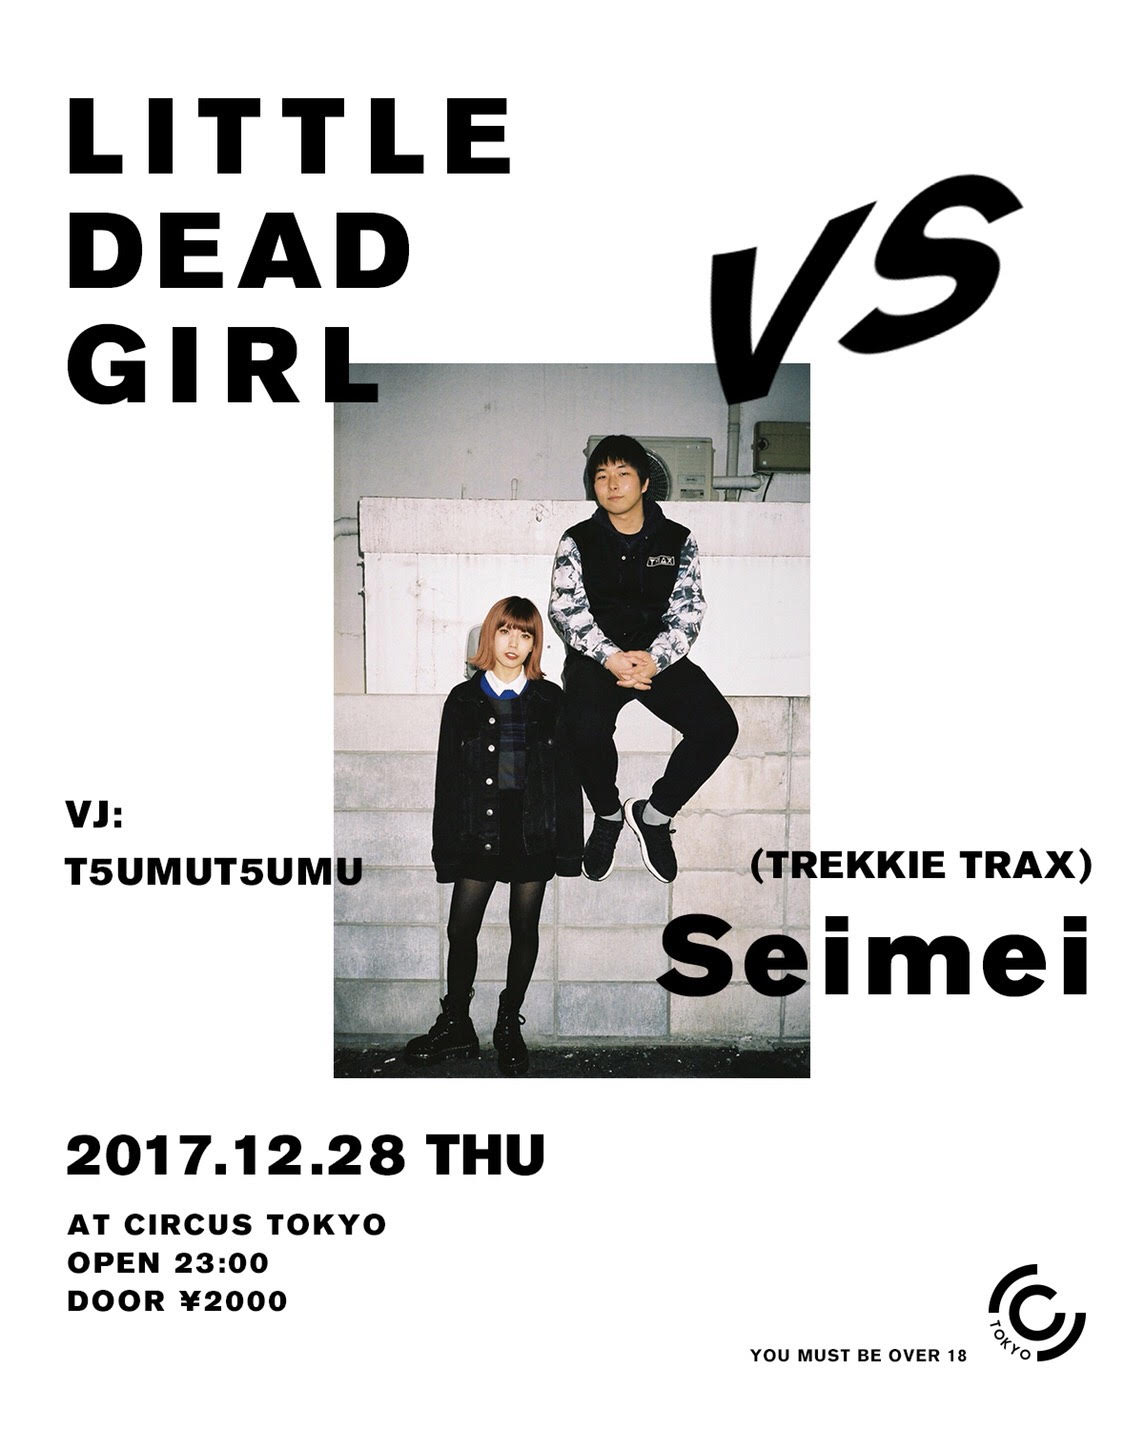 12/28開催!「LITTLE DEAD GIRL VS Seimei(TREKKIE TRAX)」で東京のクラブシーンに出会う